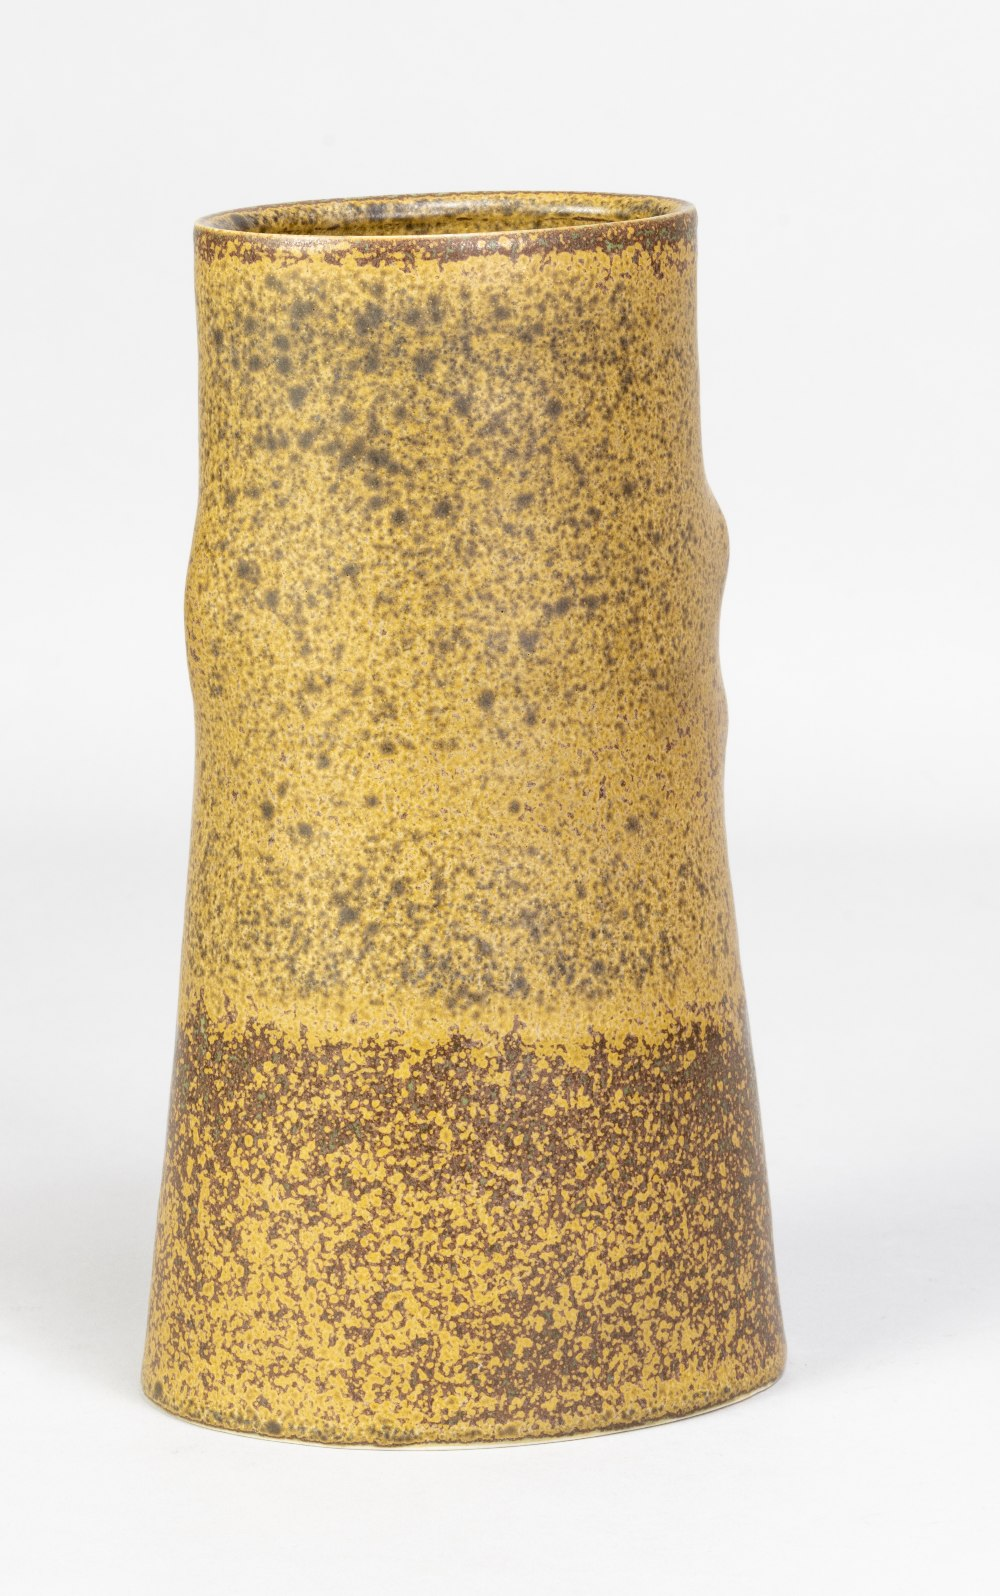 EILEEN LEWENSTEIN (1925-2005); an oval tapered porcelain vase covered in mottled ochre glaze, - Image 2 of 5